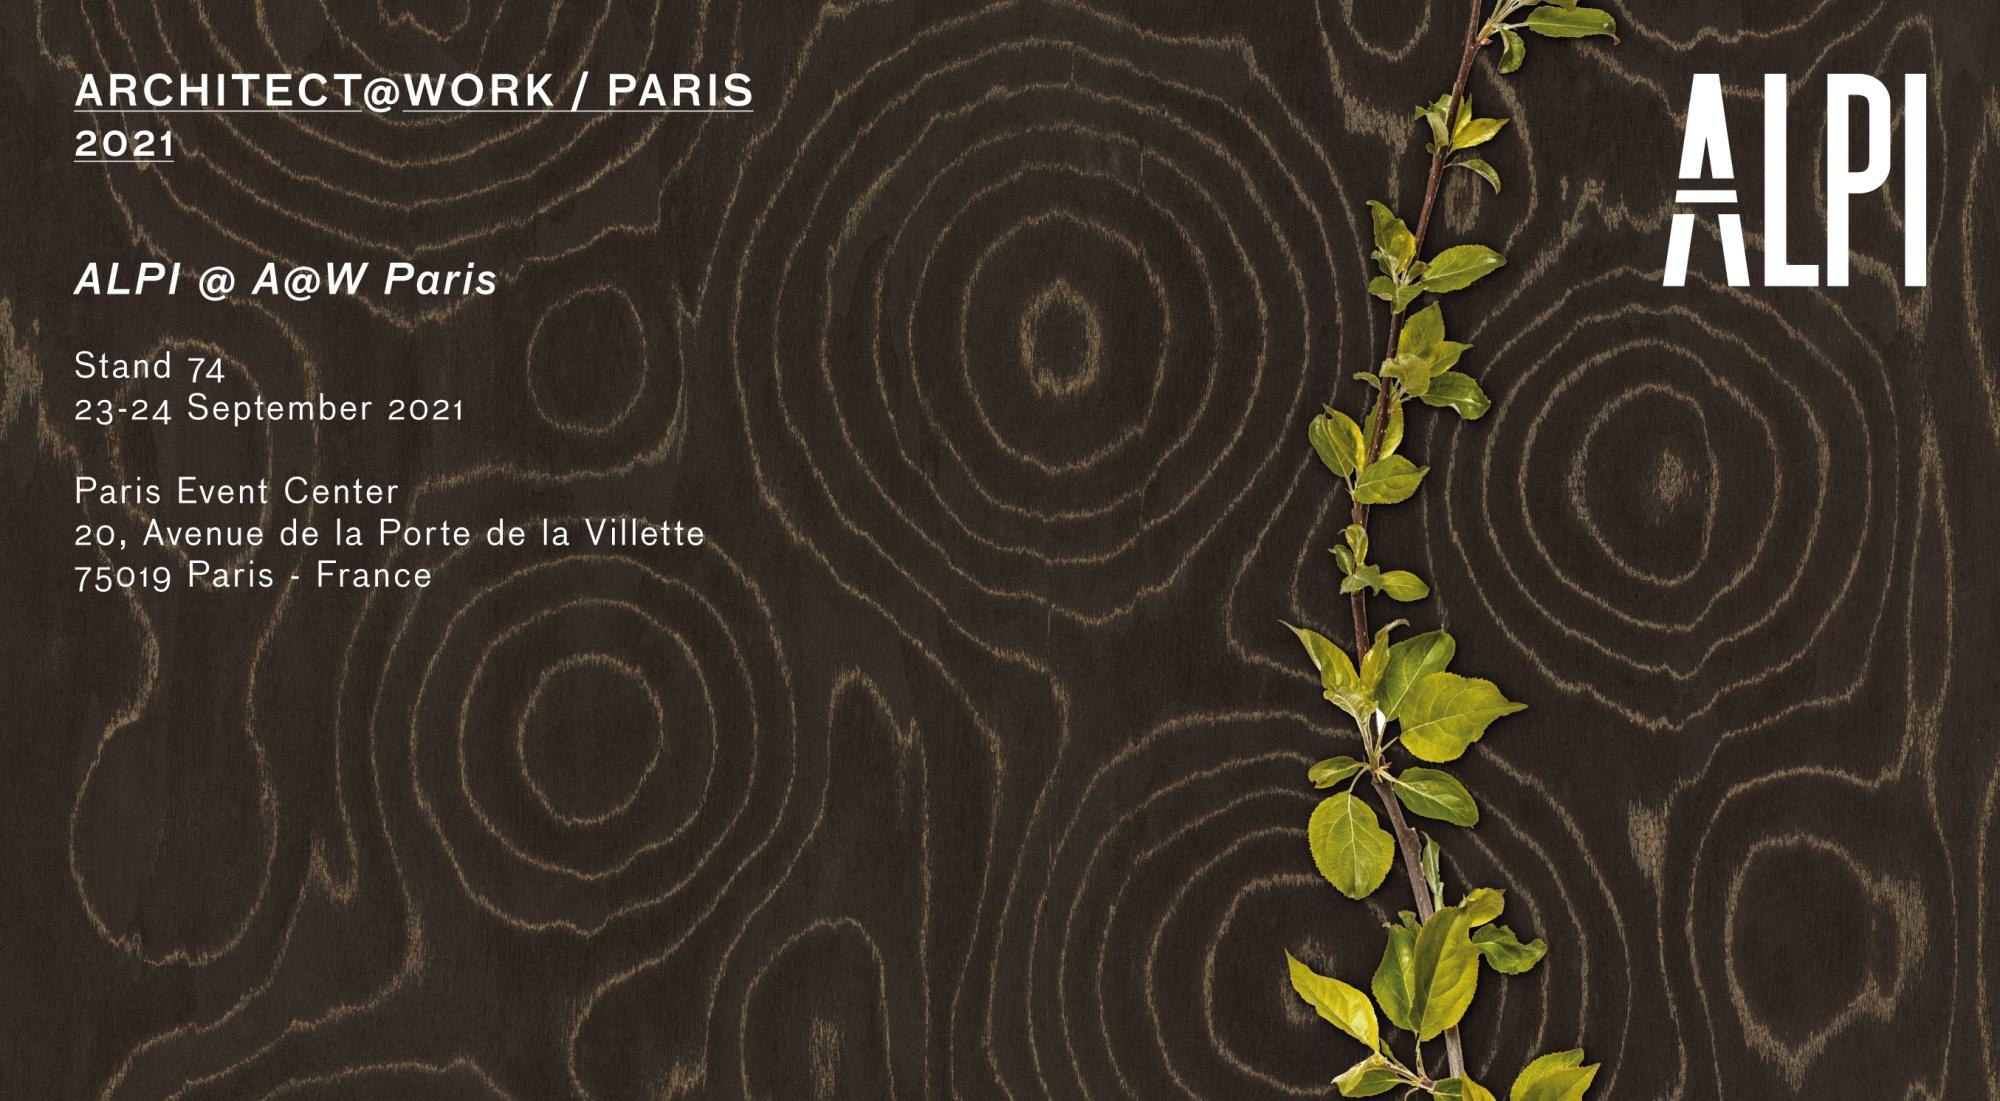 ALPI at Architect@Work Paris